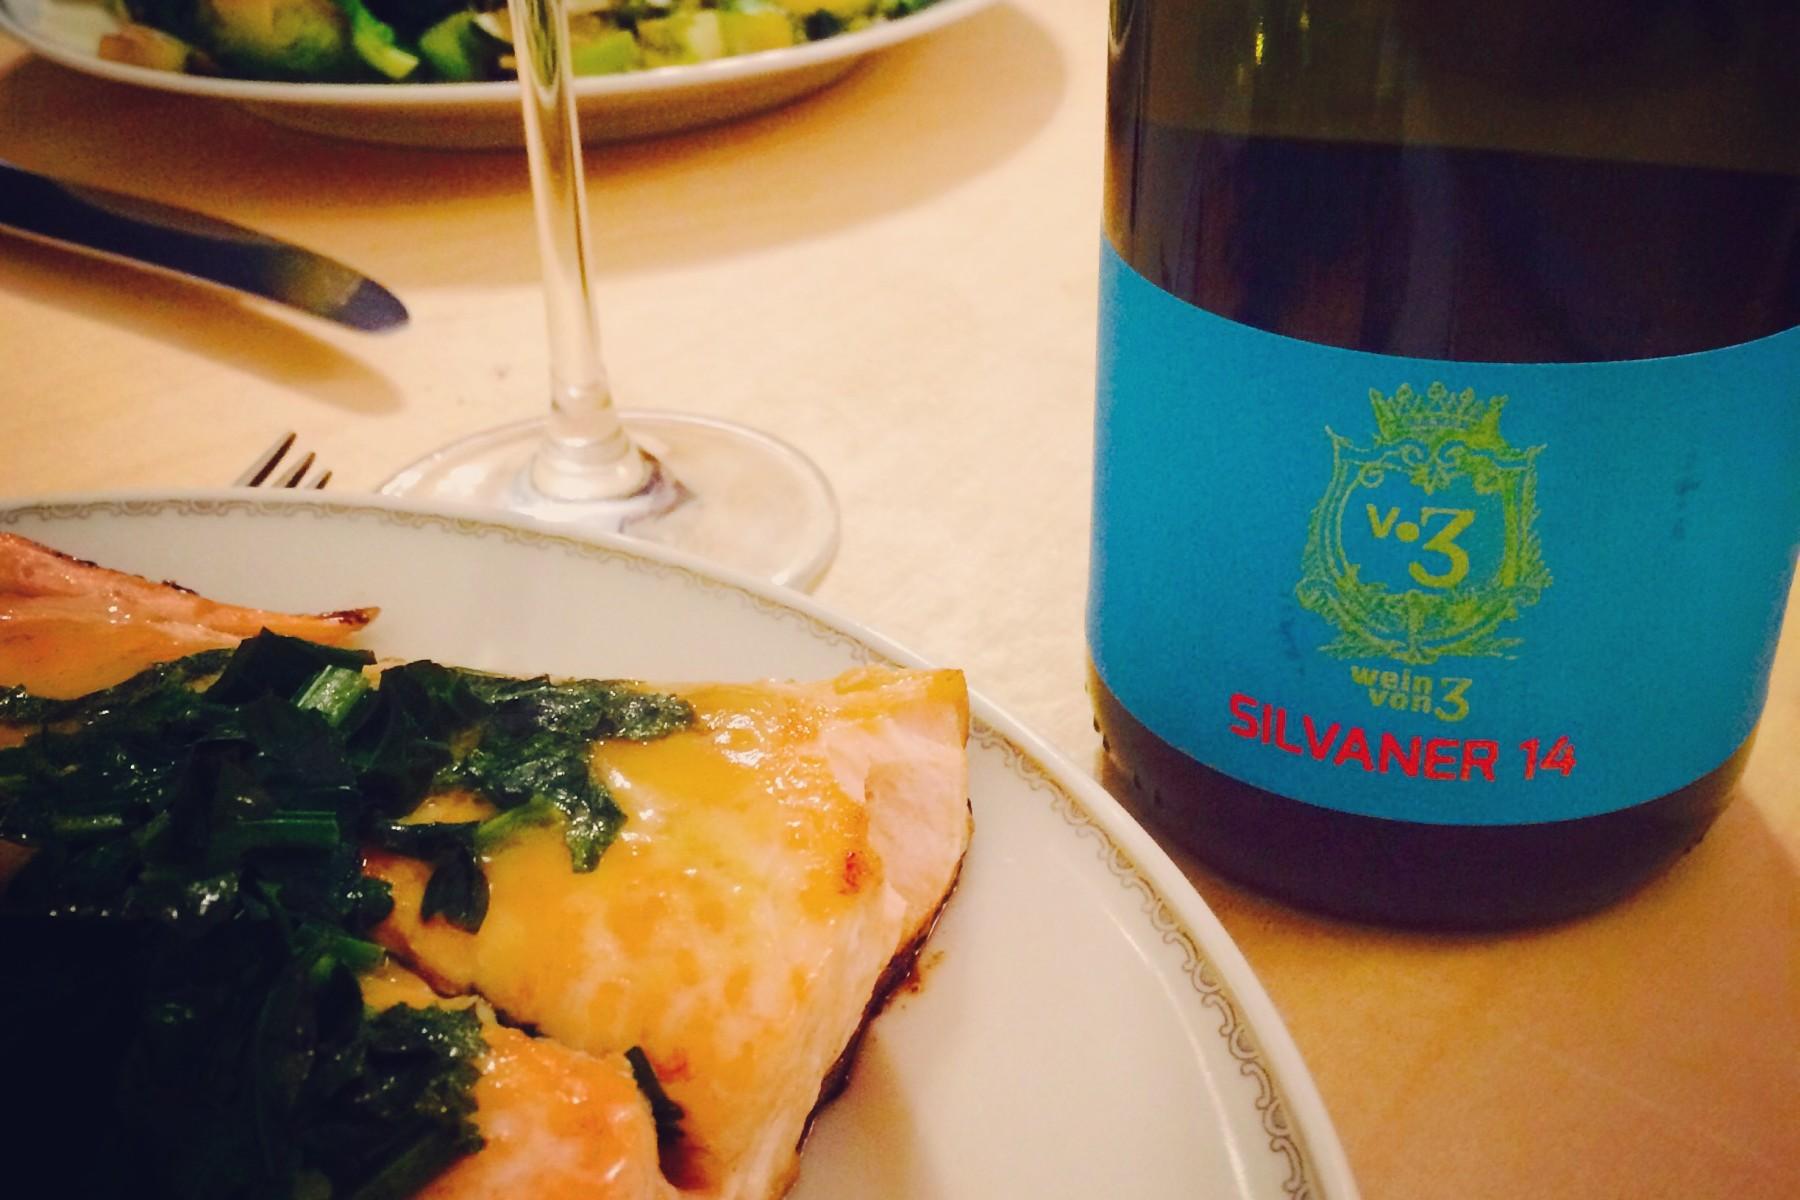 Silvaner '14 von Wein von 3